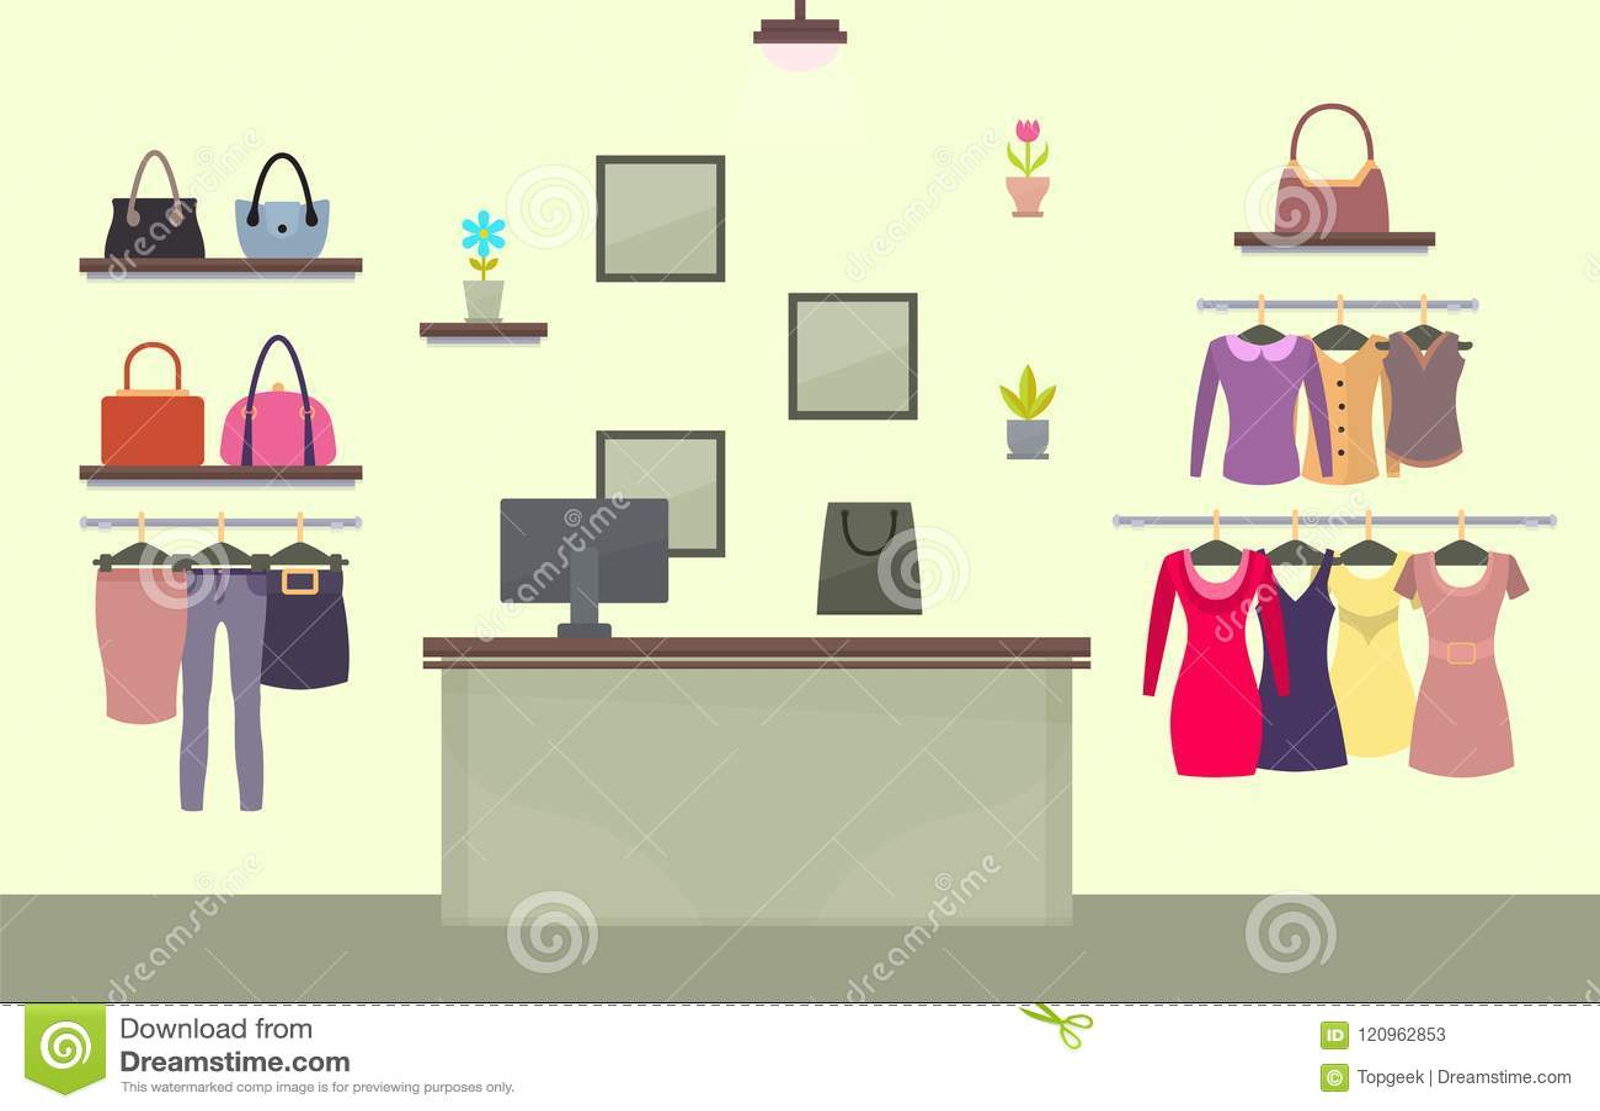 90e5865709f7 Tienda De La Moda Con Ropa Para Mujer Y Accesorios Ilustración del ...